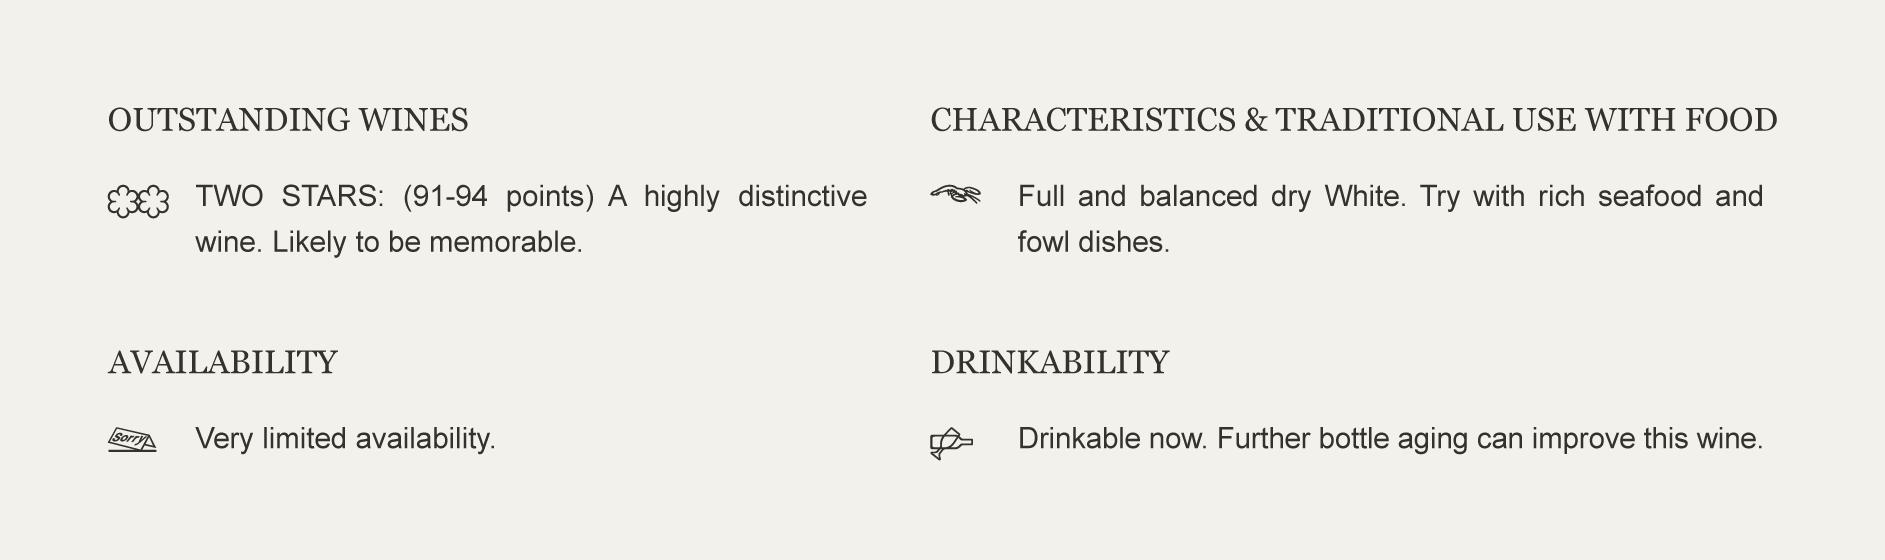 Legend of Connoisseurs' Guide Symbols